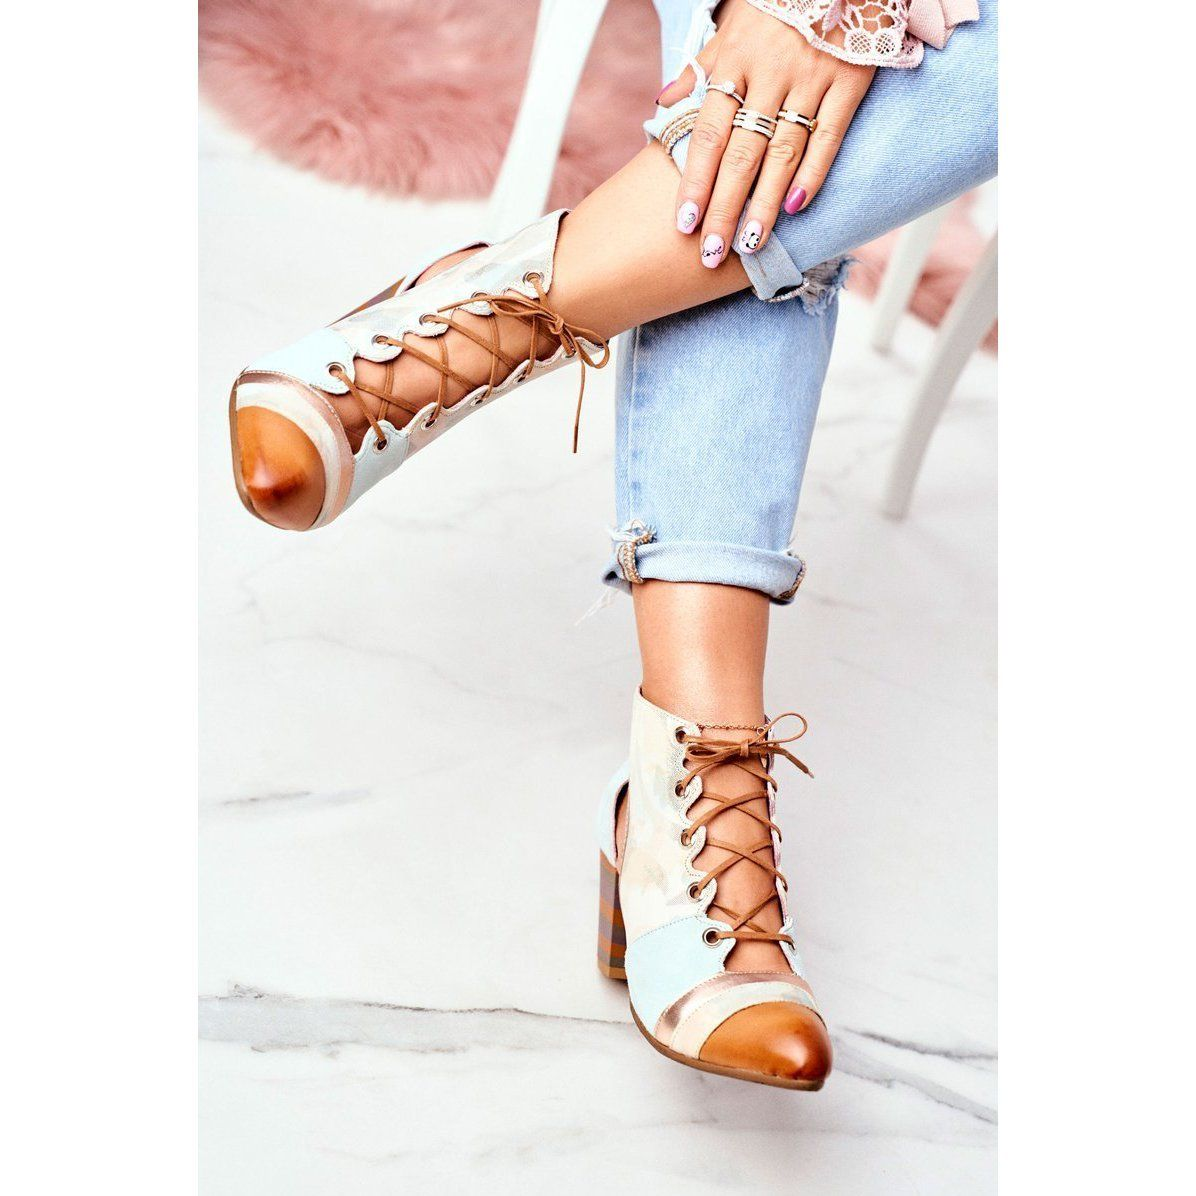 Botki Damskie Na Slupku Skorzane Maciejka Wiosenne 03938 04 Bezowy Wielokolorowe Zielone Oxford Shoes Womens Oxfords Shoes